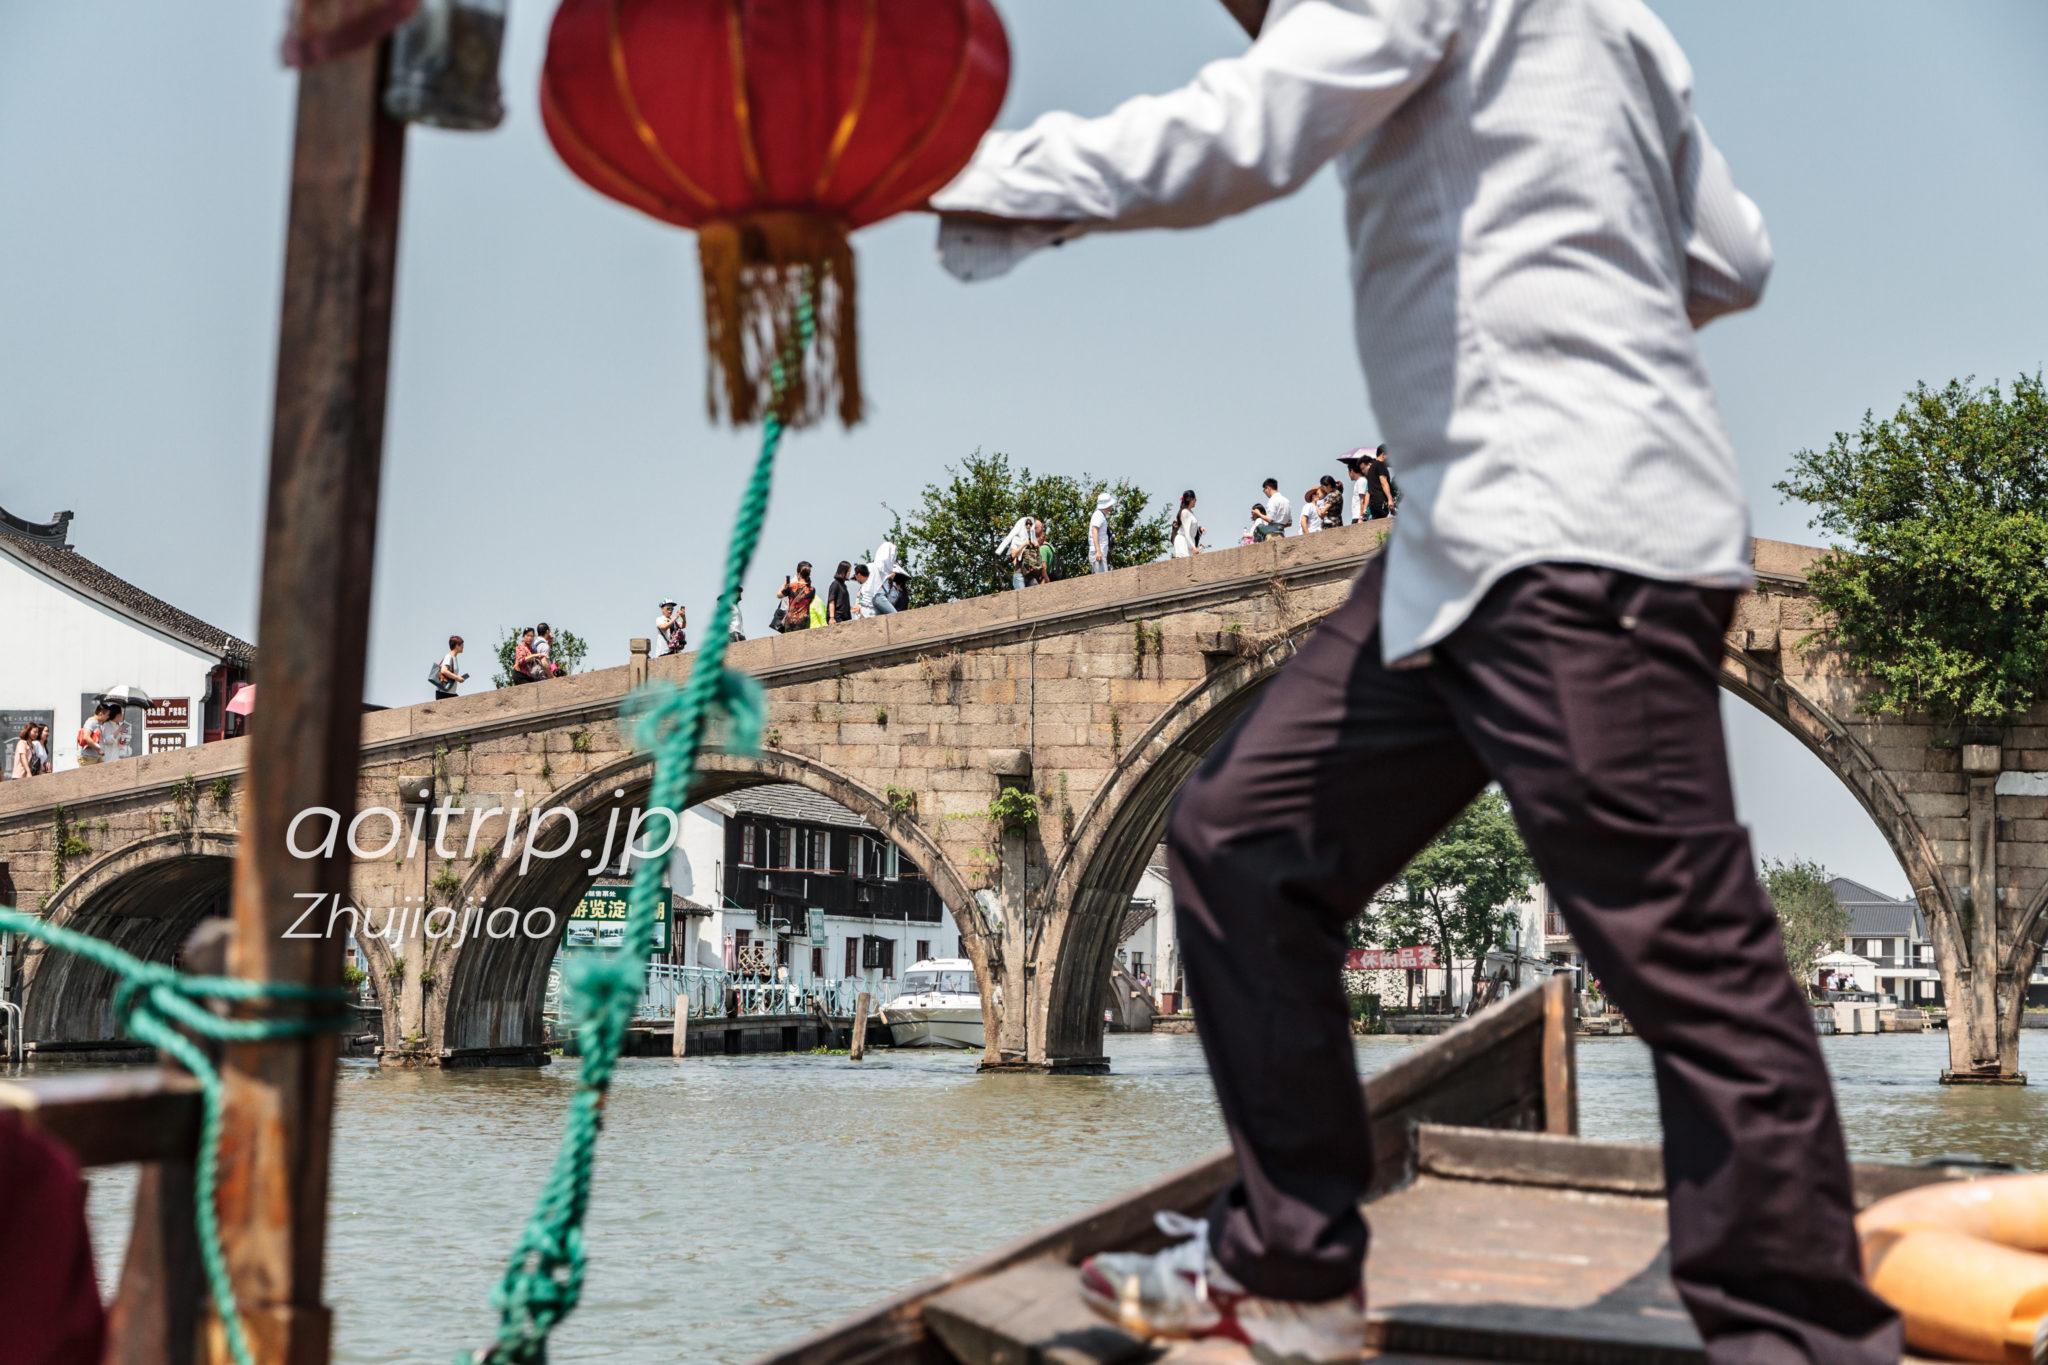 朱家角 遊覧船からの放生橋の眺め